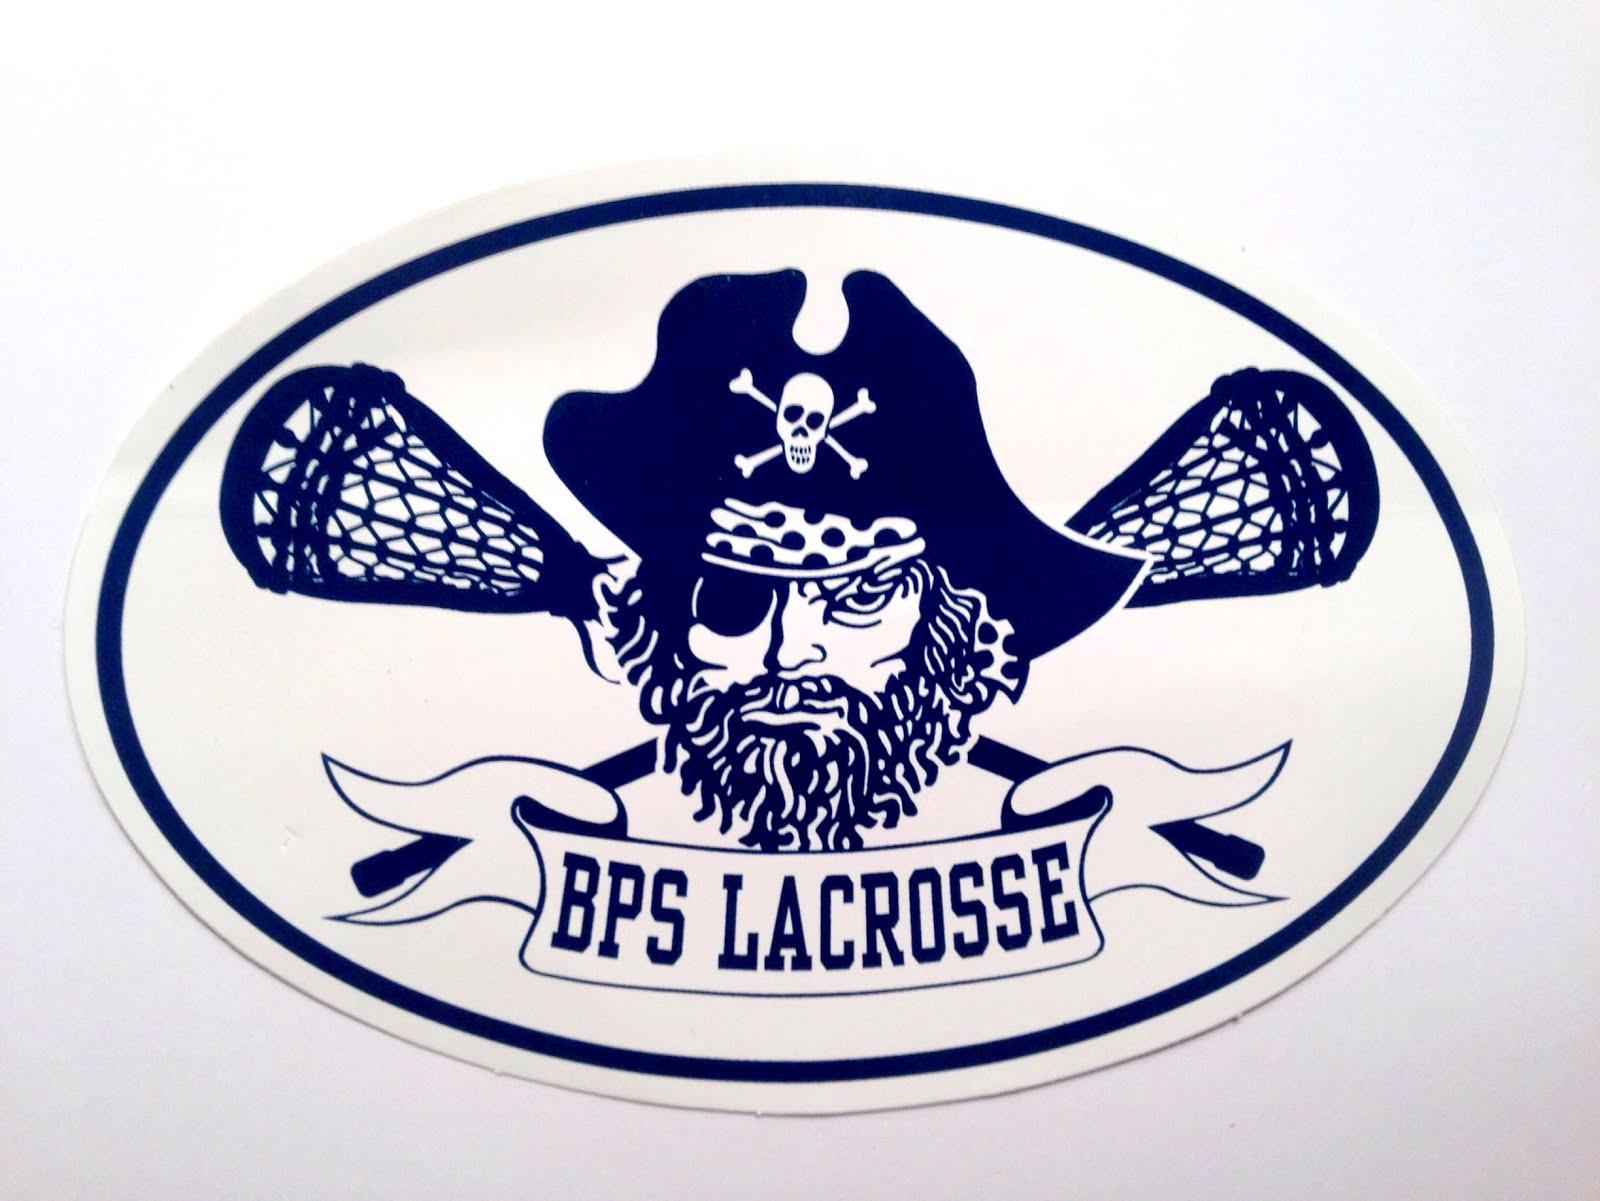 Berkeley Lacrosse